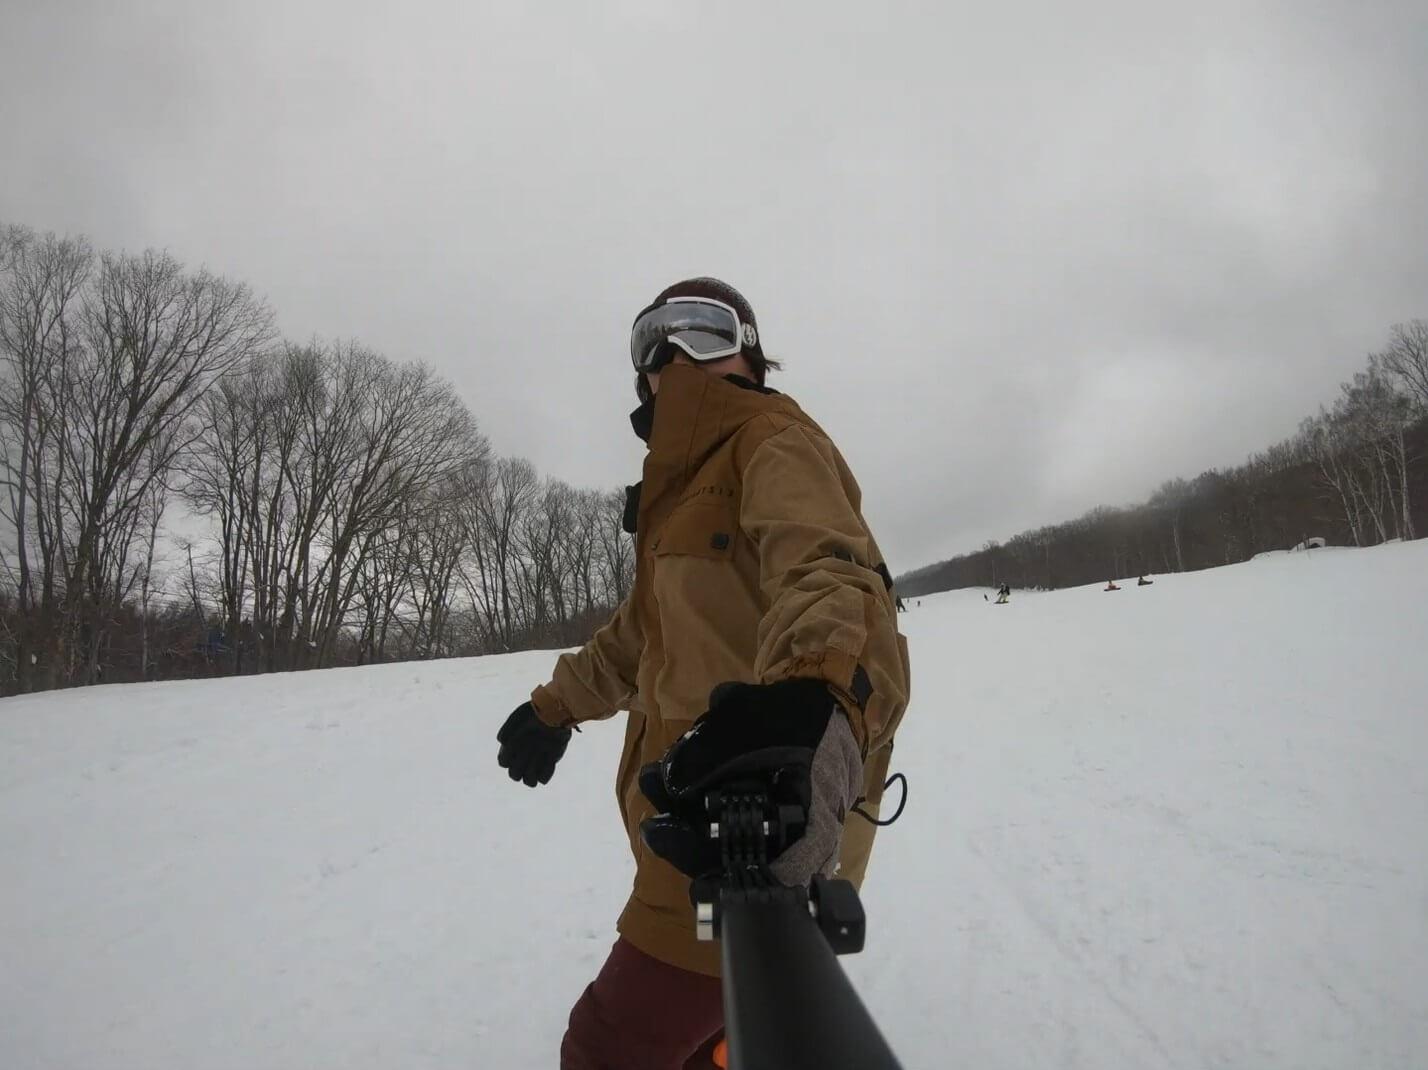 スキー・スノボにGoProが最強だと感じたポイント マウントを使えば滑りながらも撮影しやすい